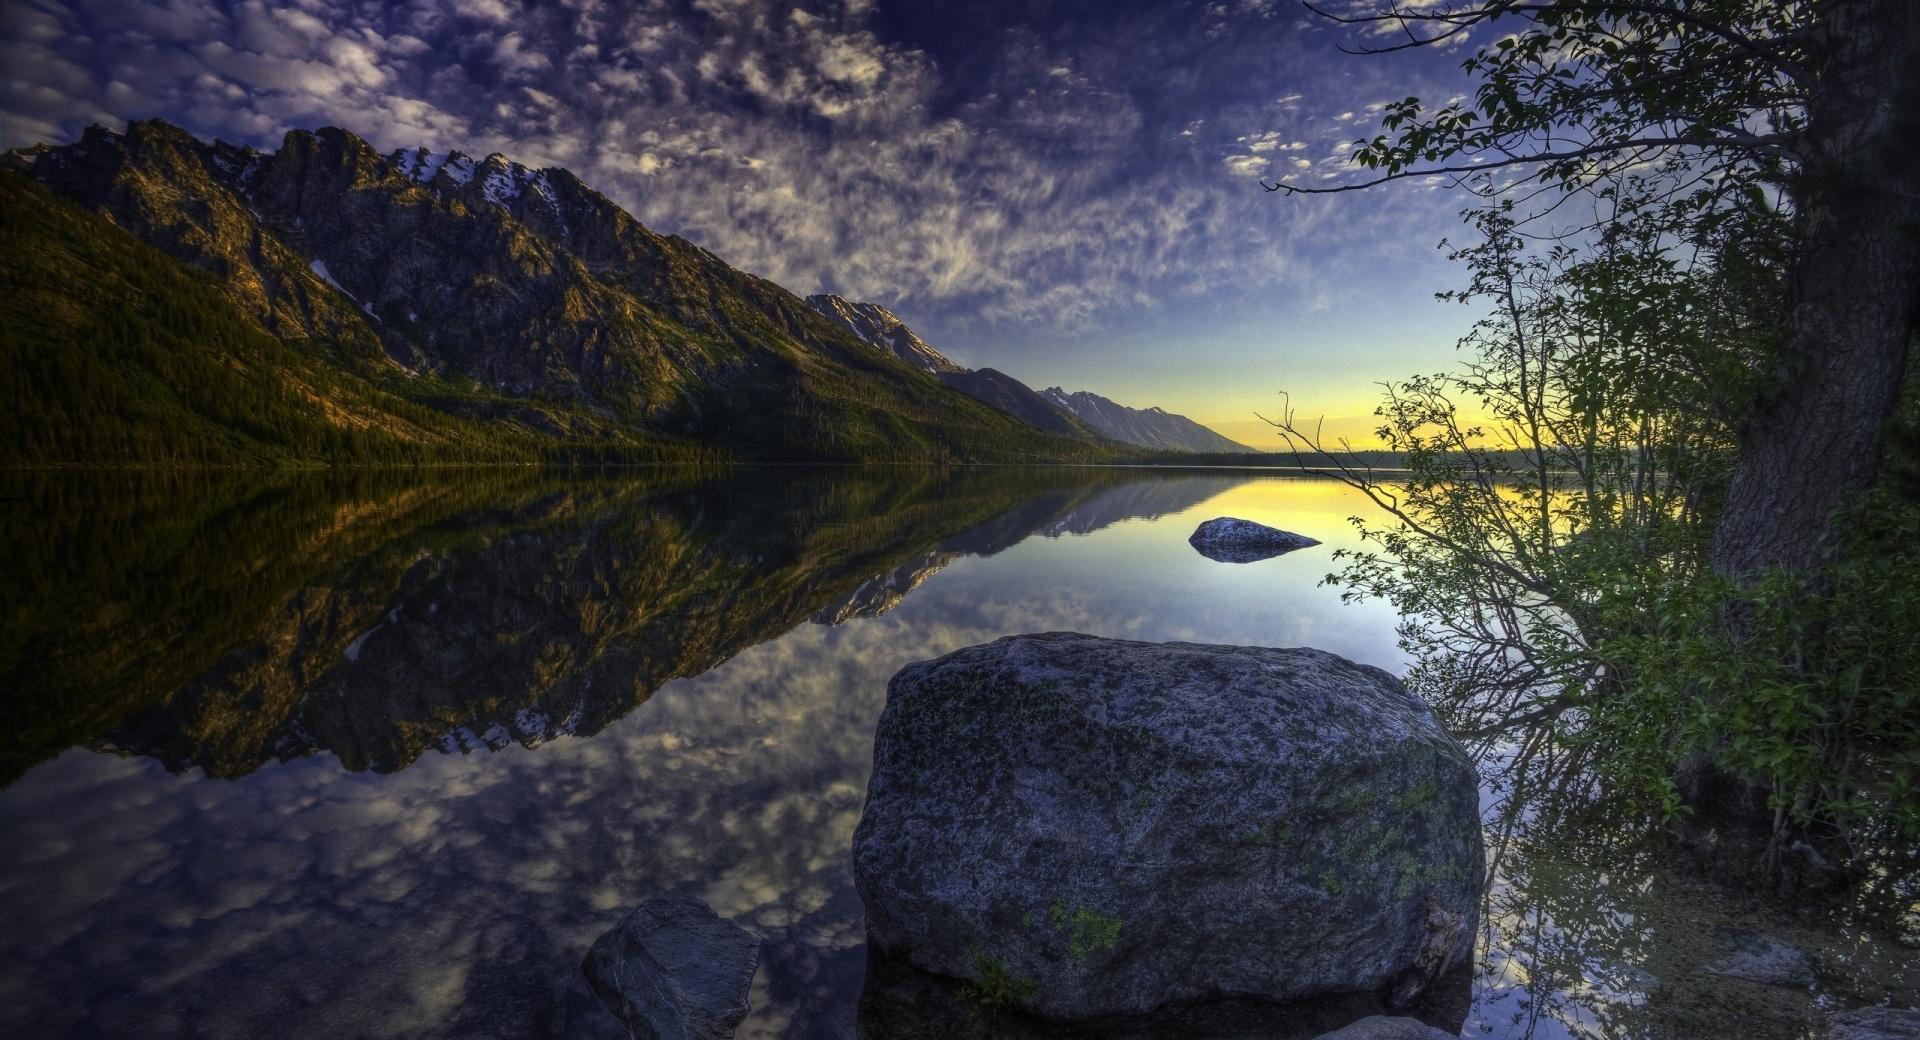 Beautiful Lake Sunrise wallpapers HD quality